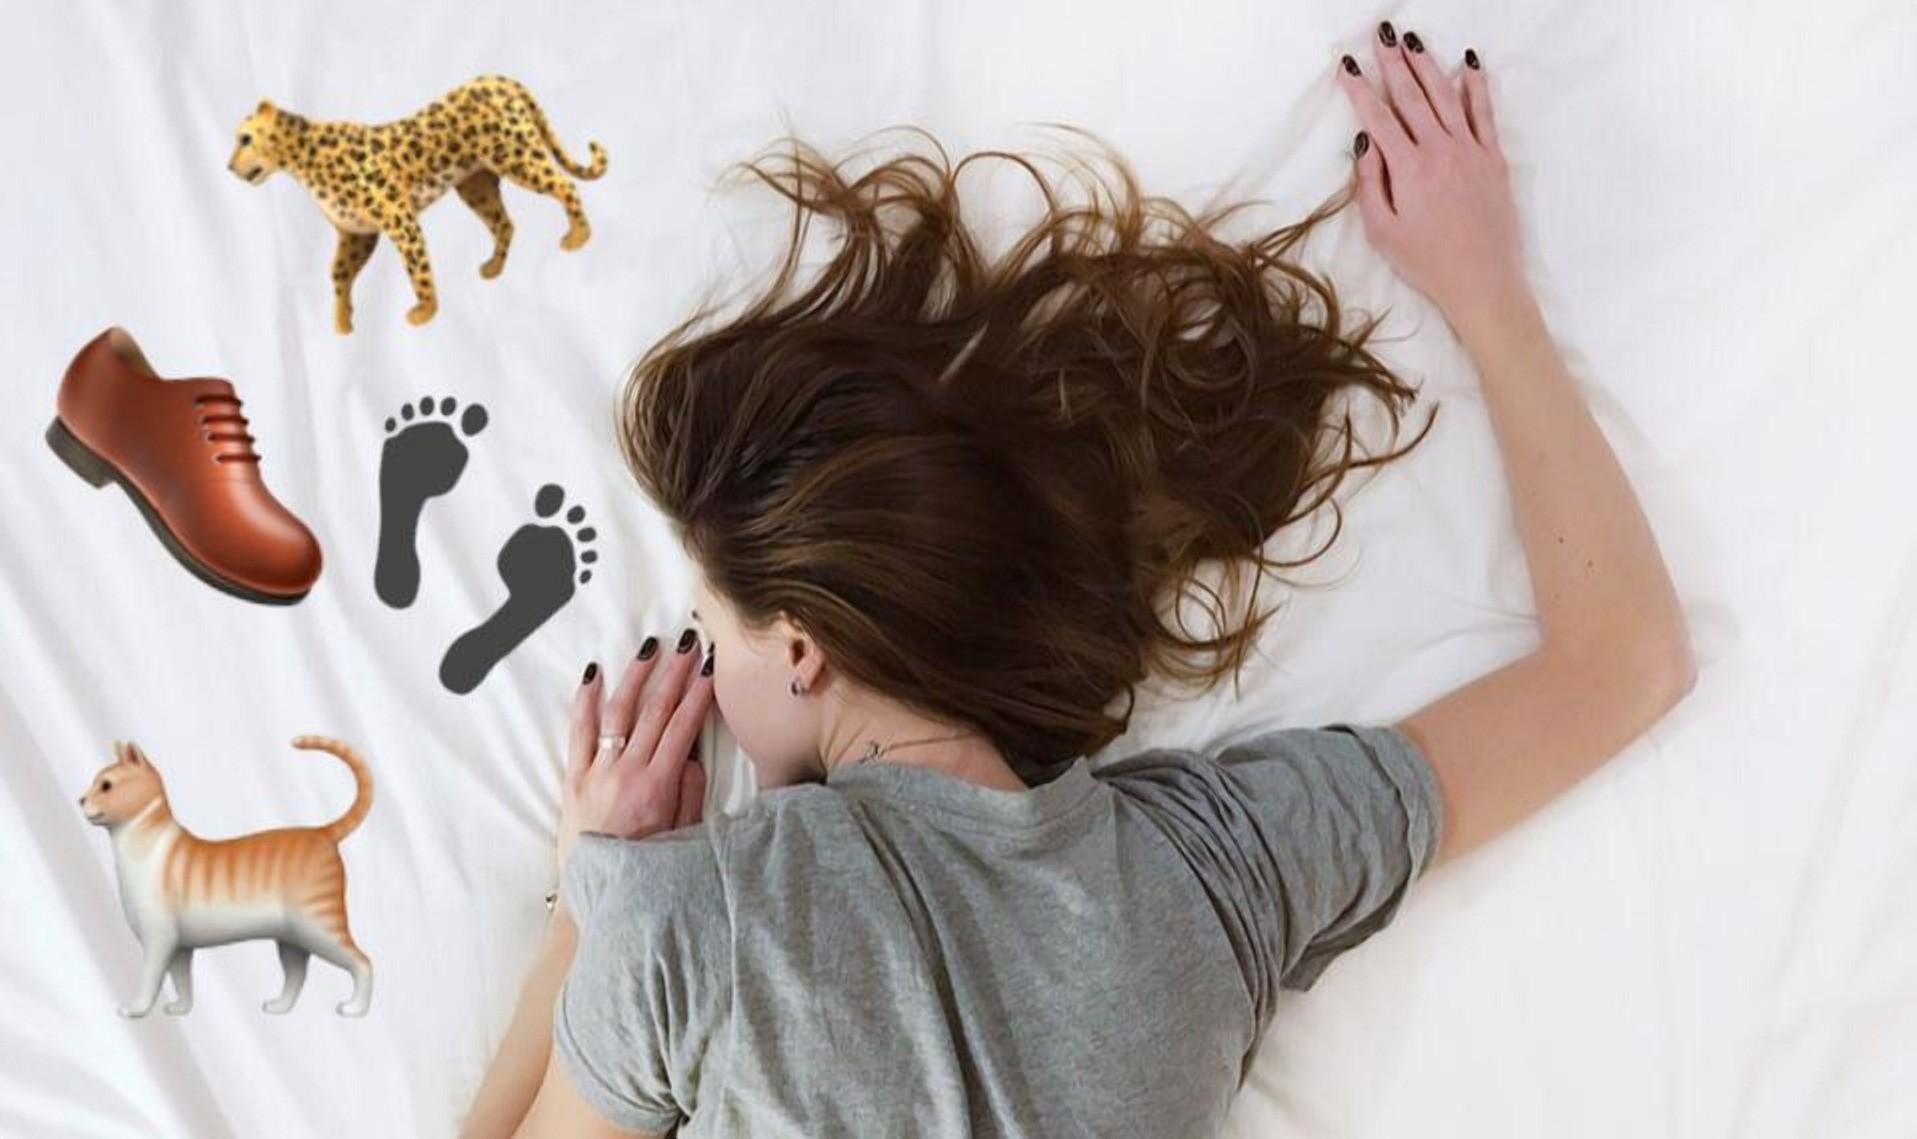 7 вещих снов, которые говорят о том, что тебе нужно менять окружение